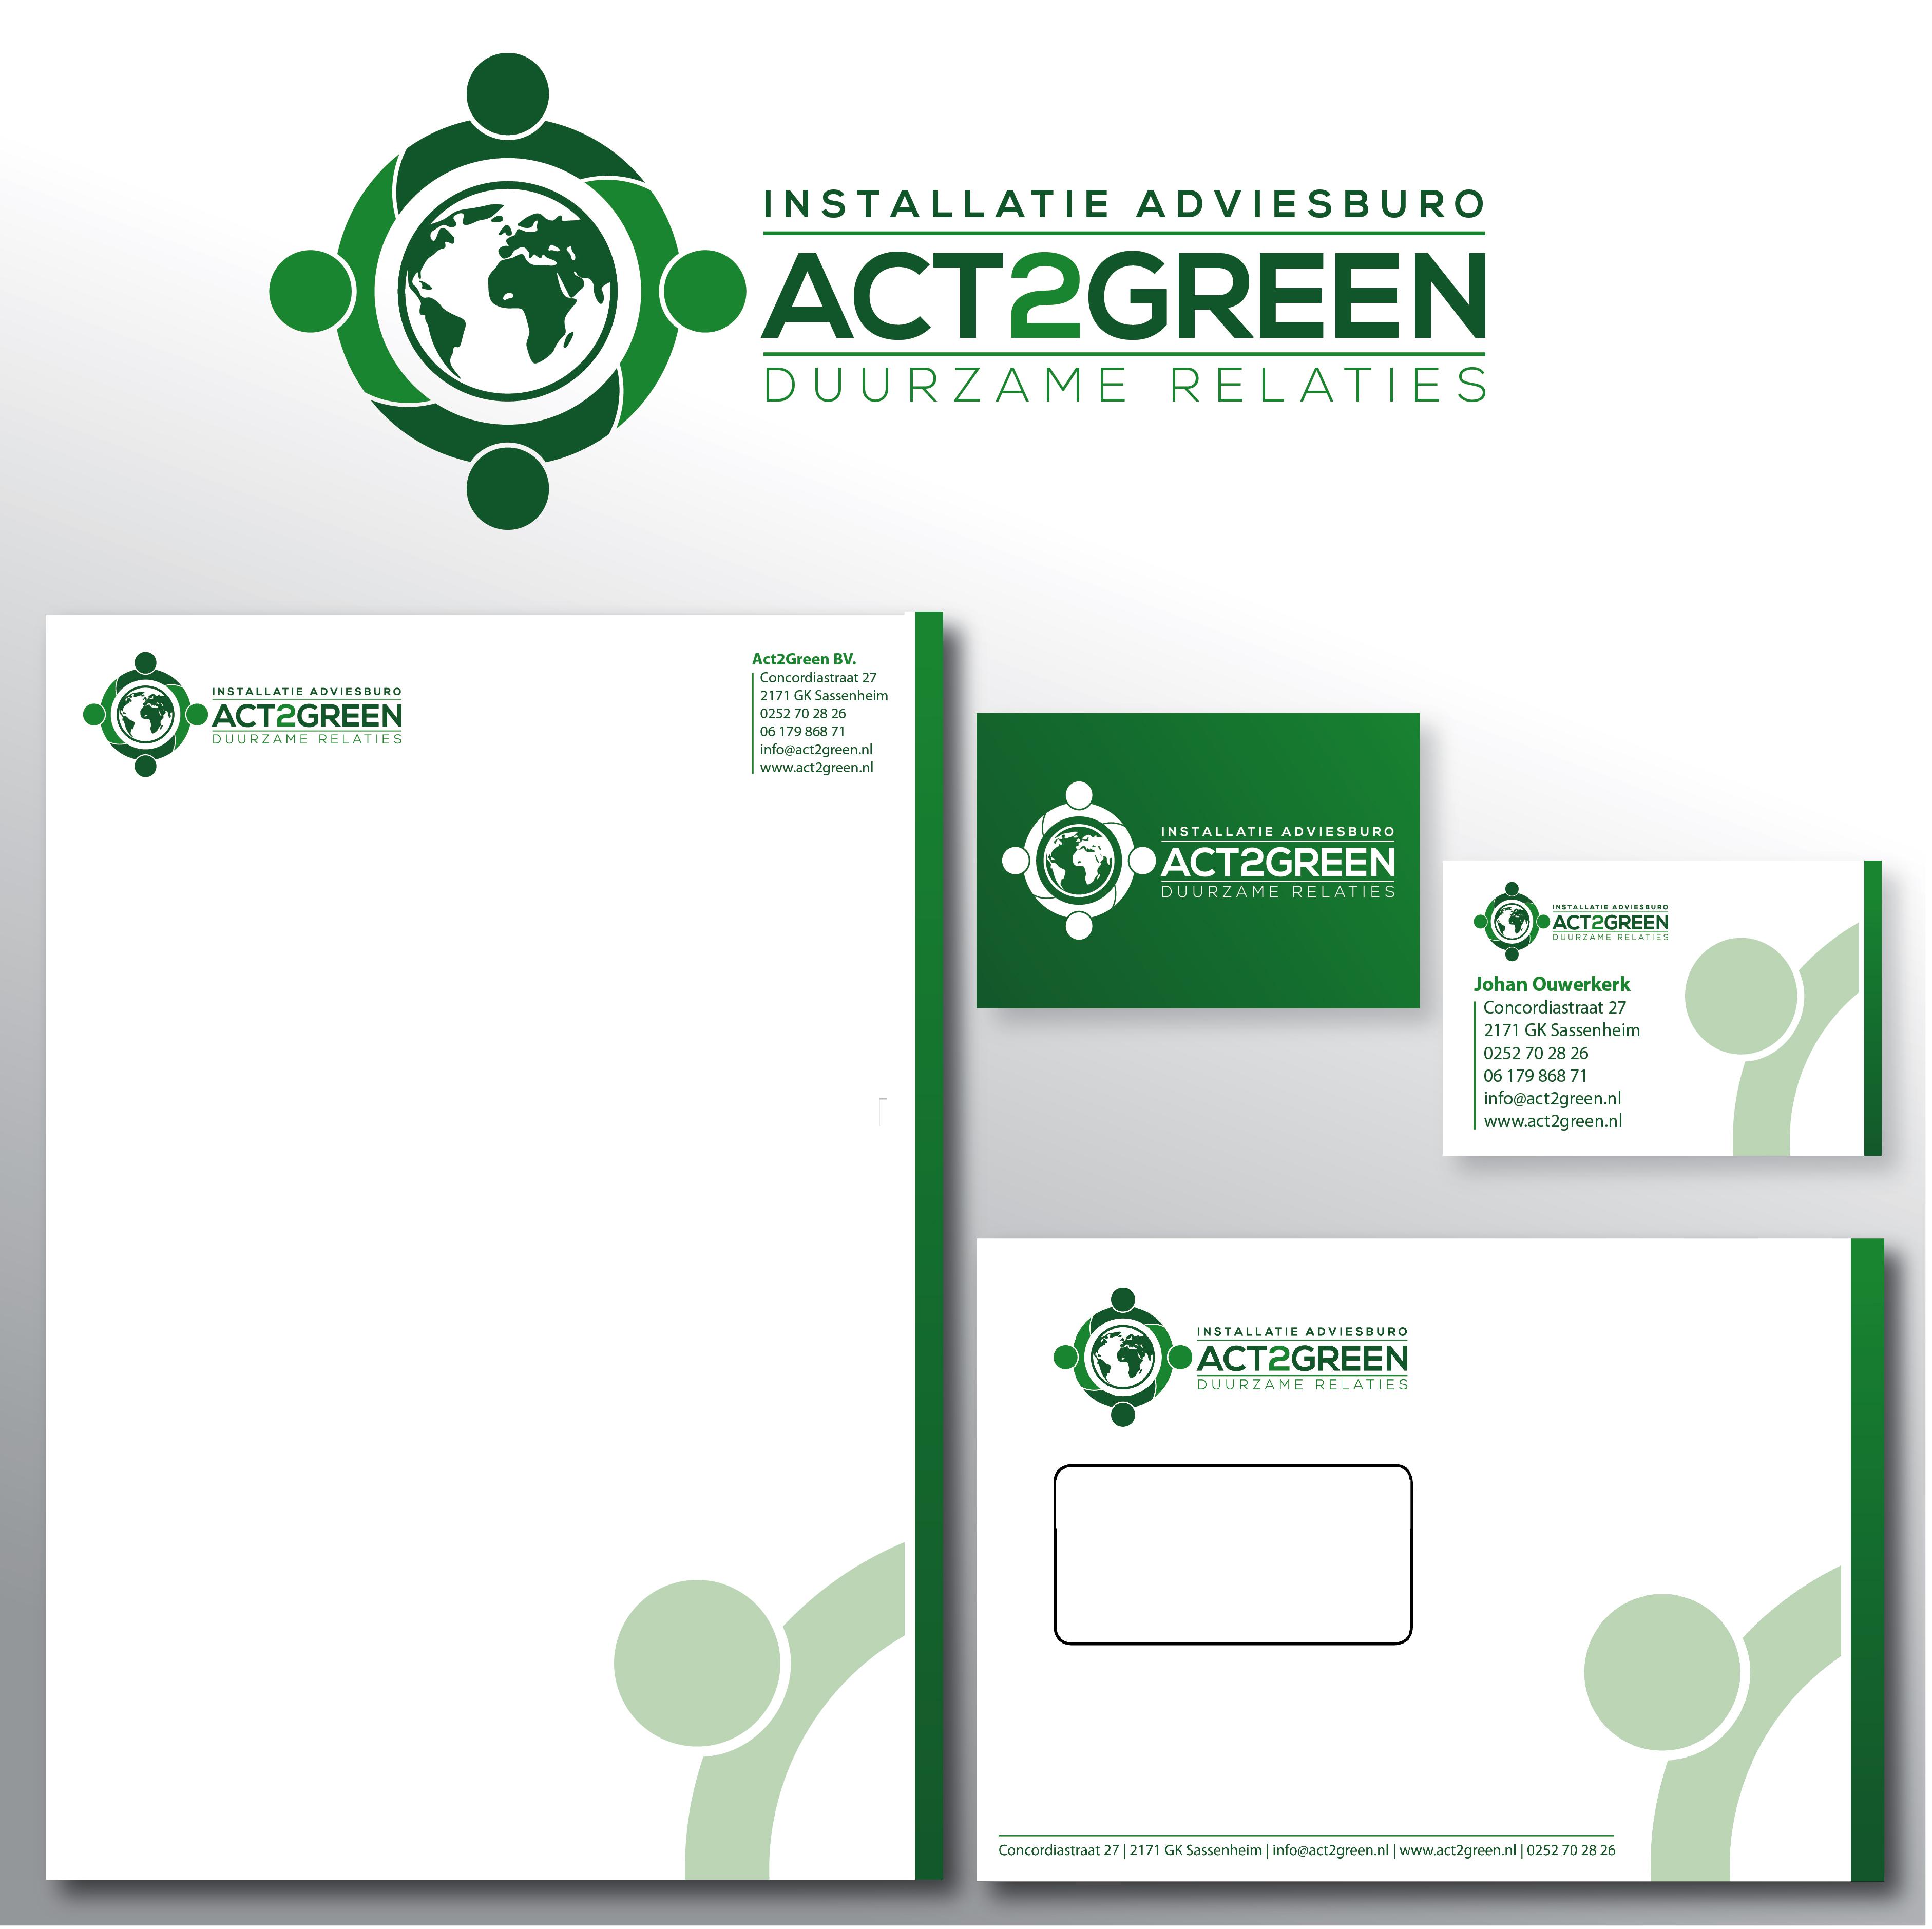 Huisstijl ontwerp Act2green